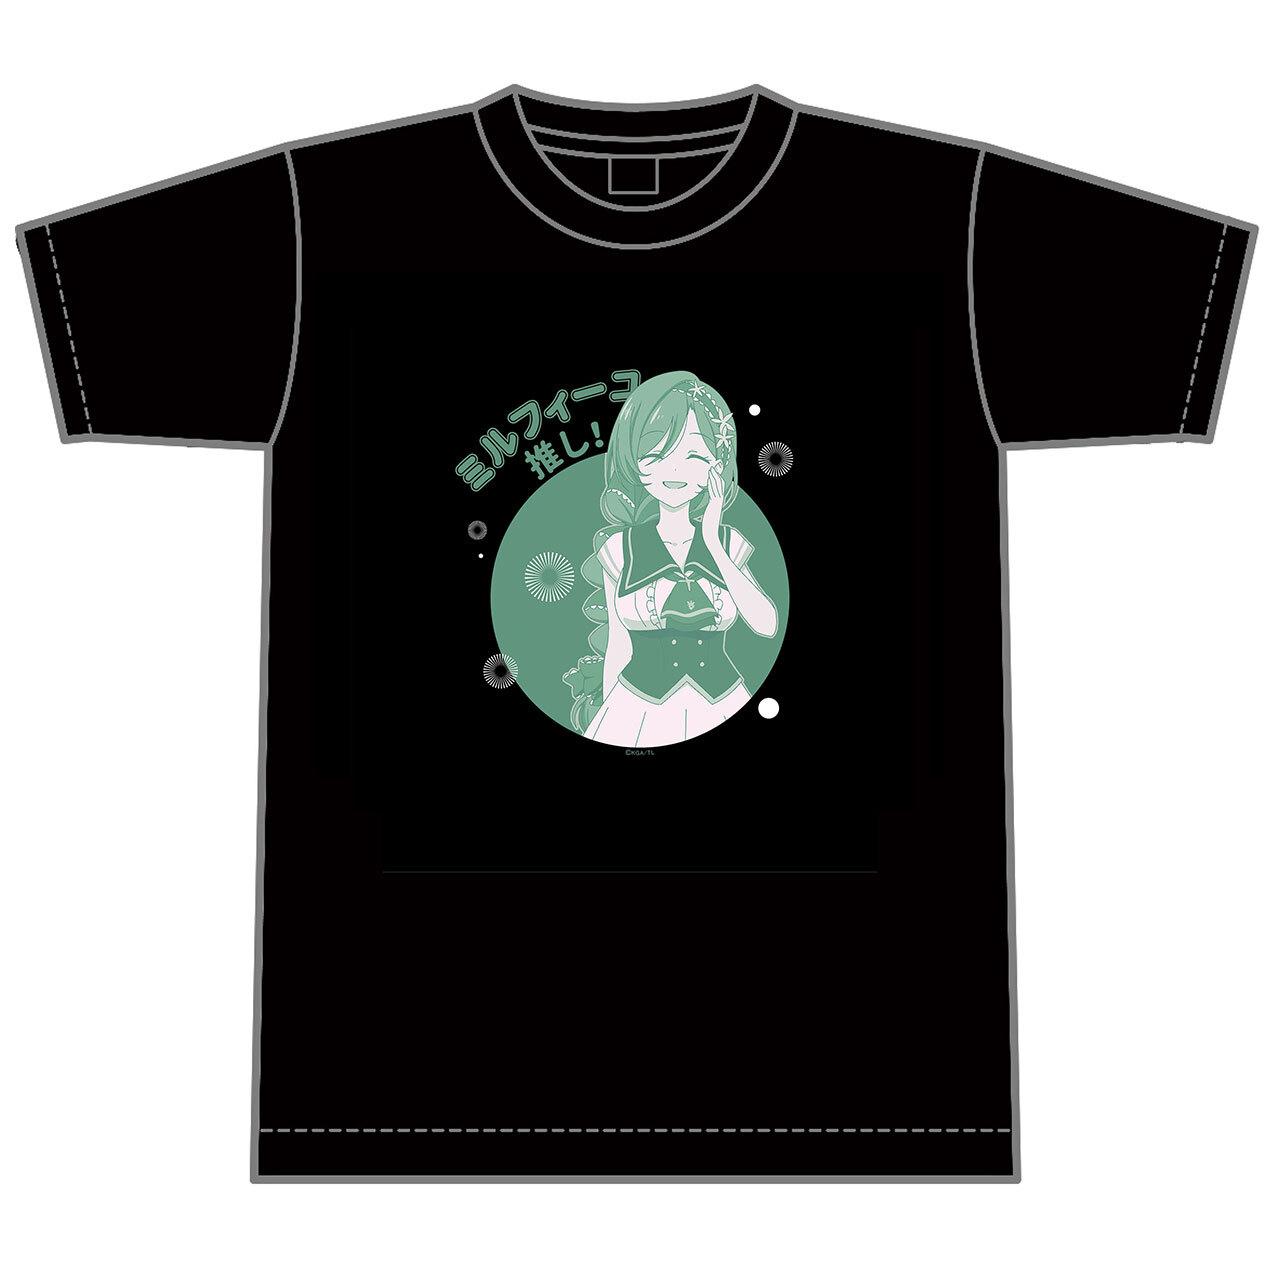 【4589839355247予】ラピスリライツ ミルフィーユ 推しTシャツ/Mサイズ